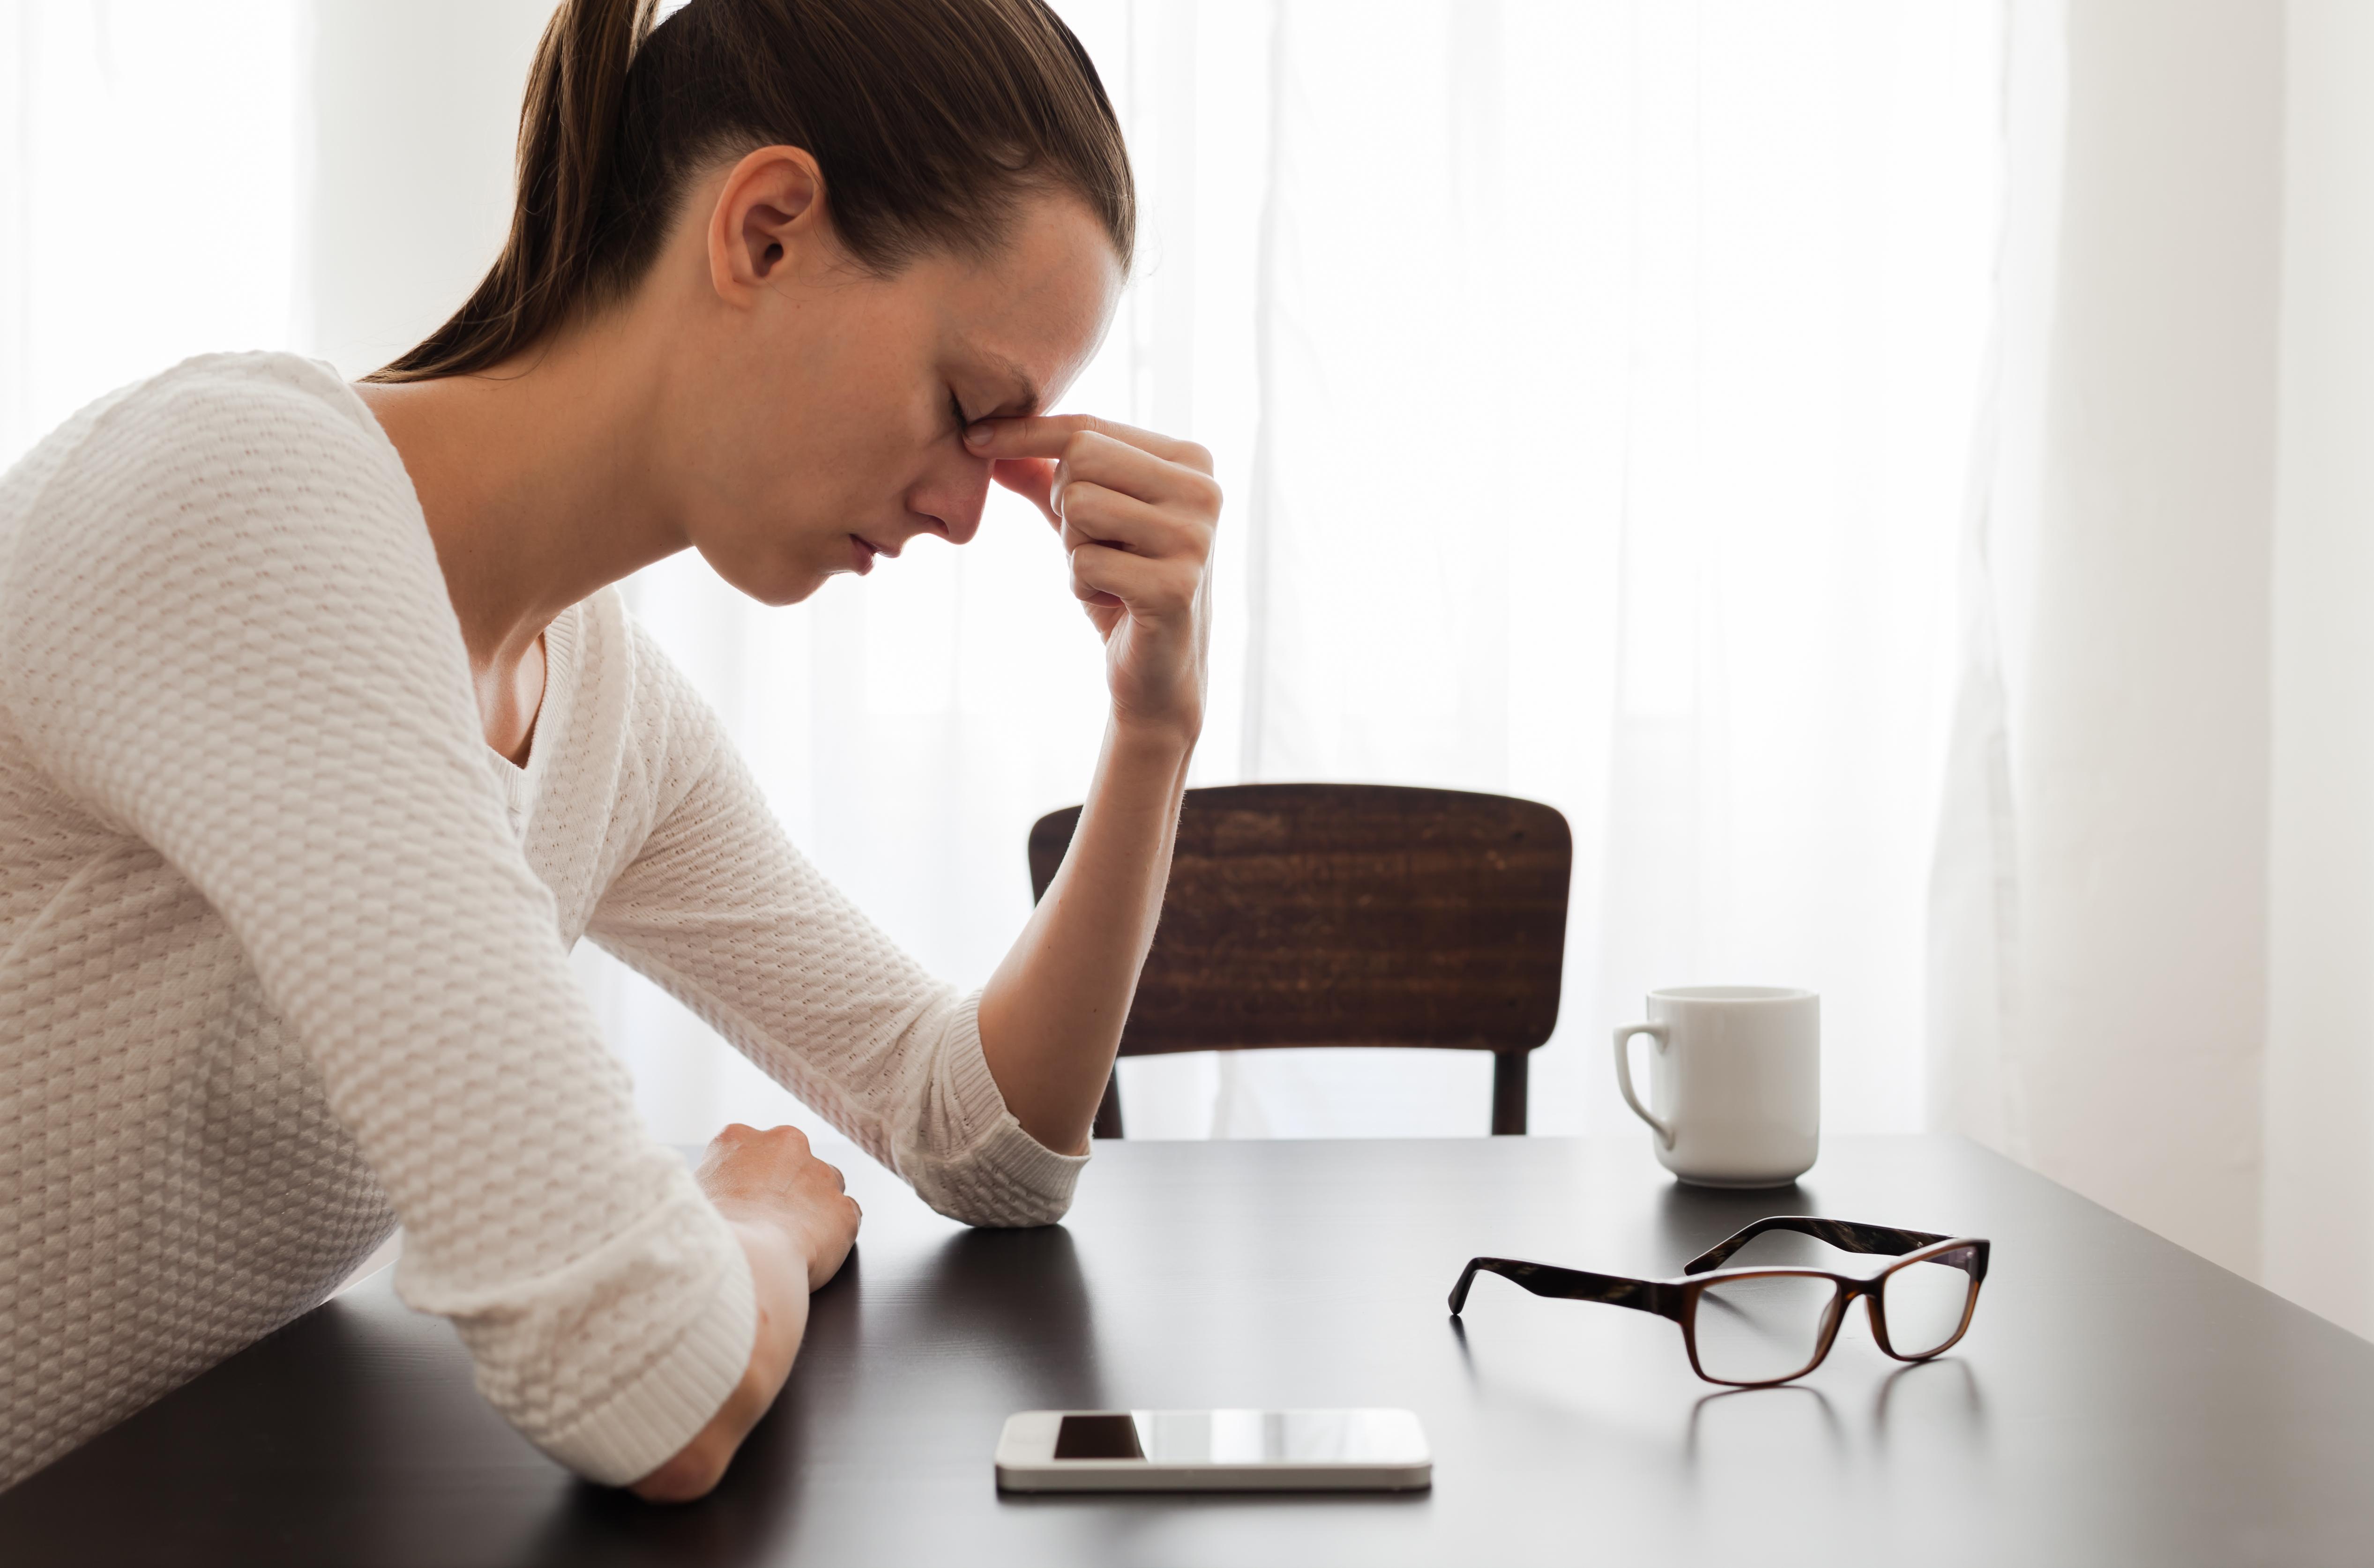 Самопомощь при депрессии, хронической усталости, всд: пять важнейших правил